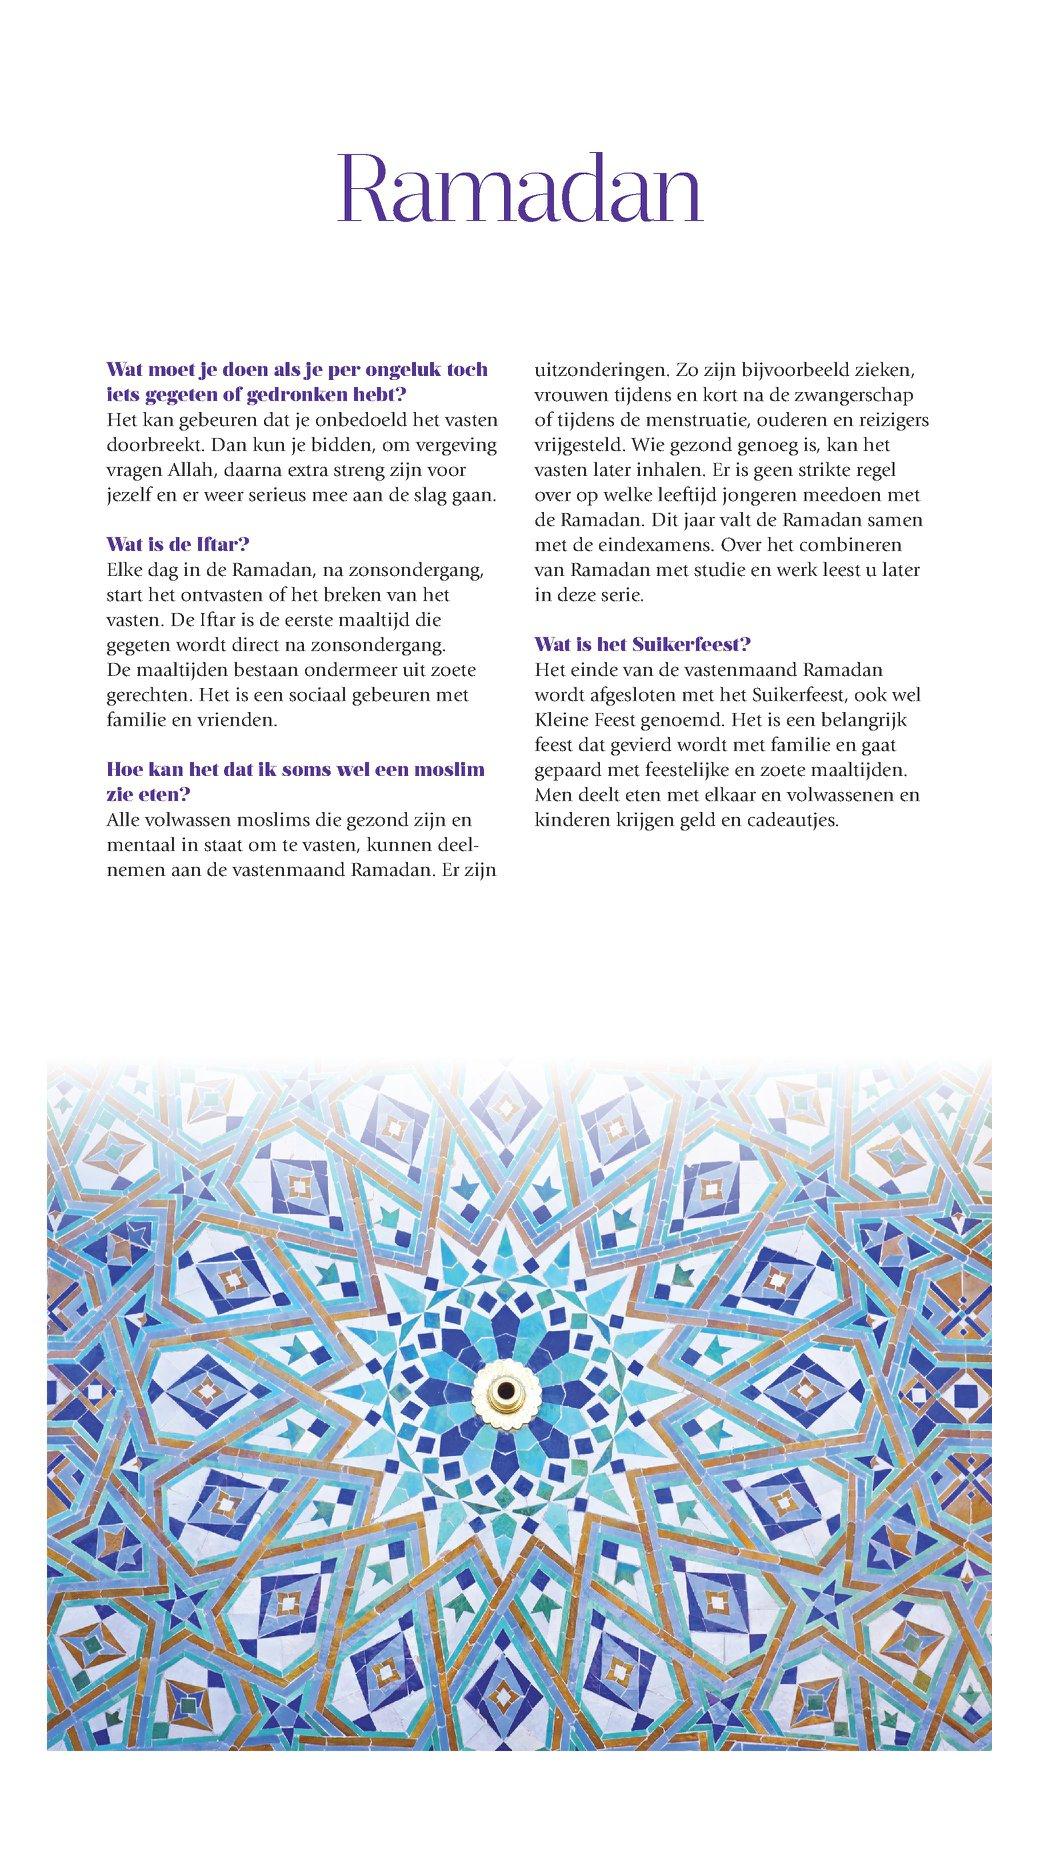 Artikel uit de serie Ramadan